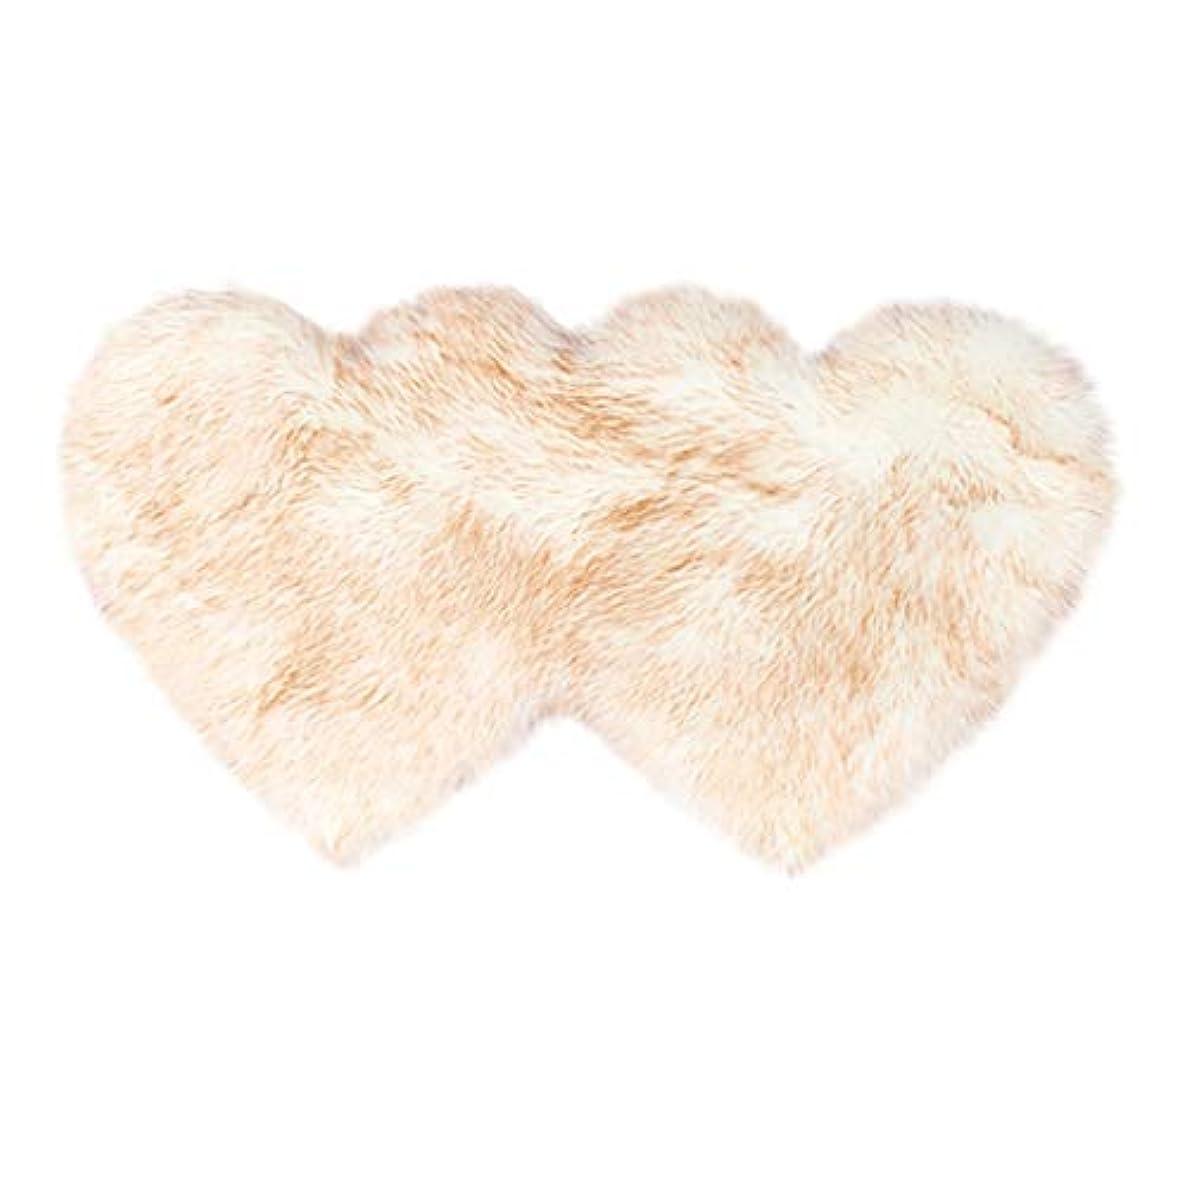 翻訳データベース機械的愛の形の羊毛と羊の皮のじゅうたんと非滑り防止の寝室の毛茸のじゅうたんのマット